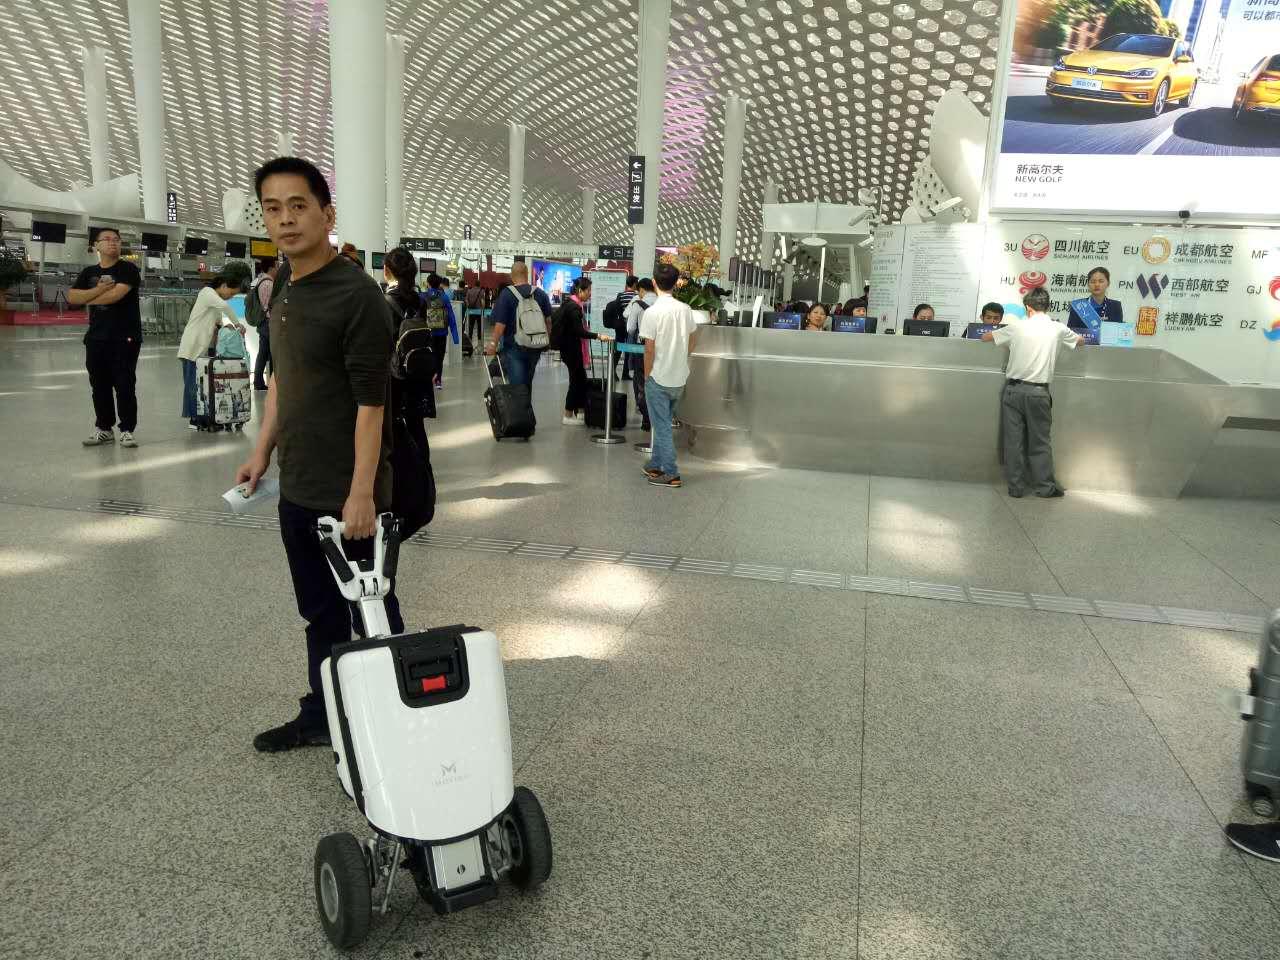 行李箱式电动代步车